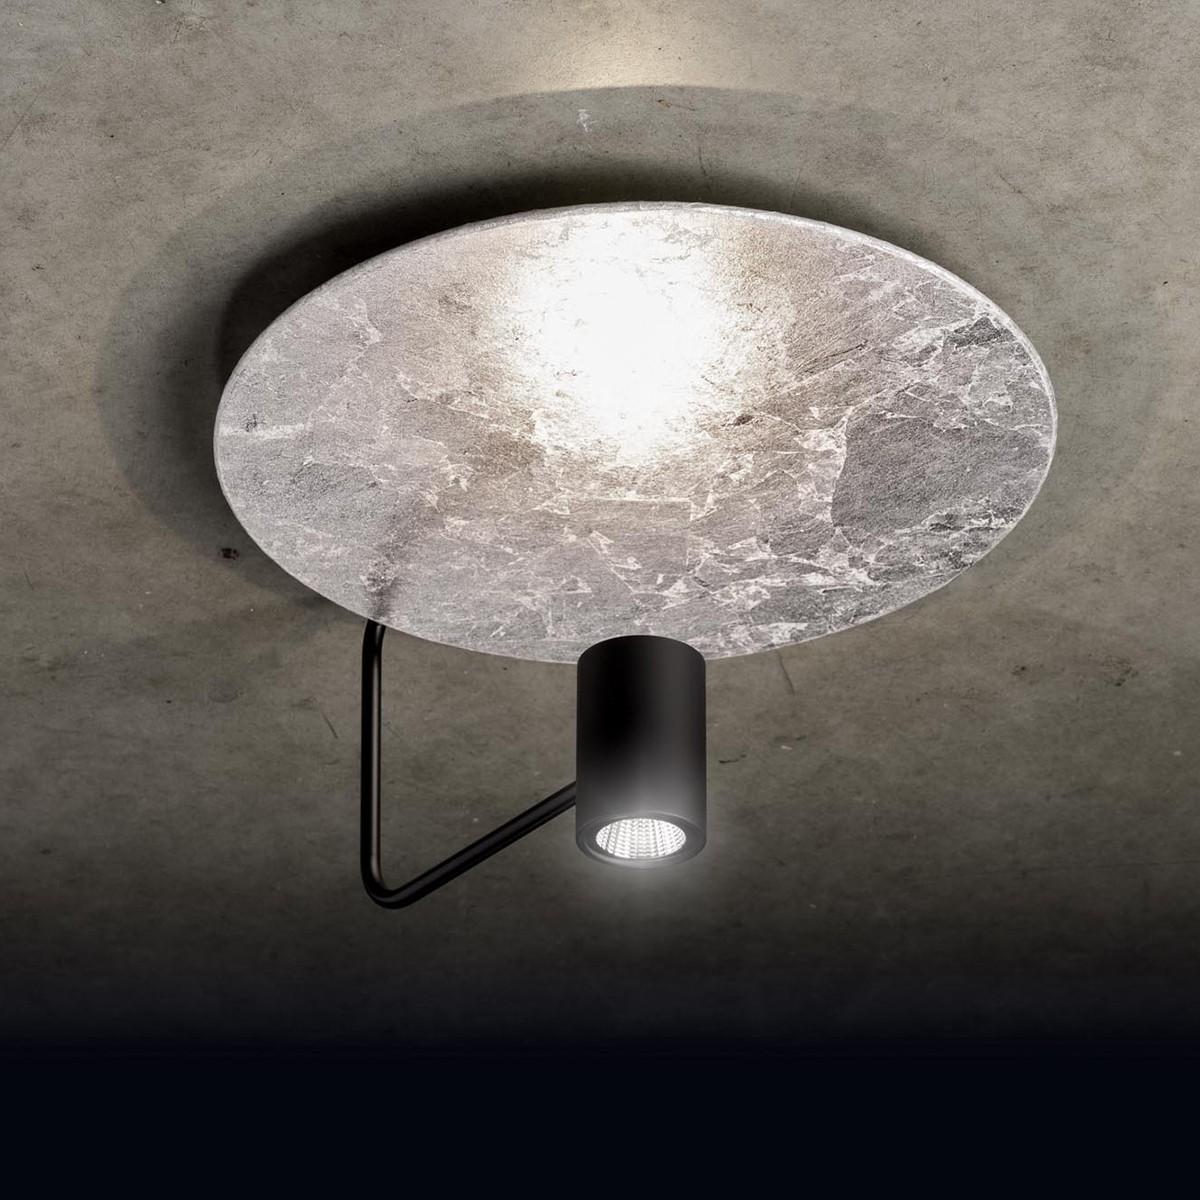 Holtkötter Leuchten Disc LED Deckenleuchte, Armatur: schwarz, Reflektor: Blattsilber